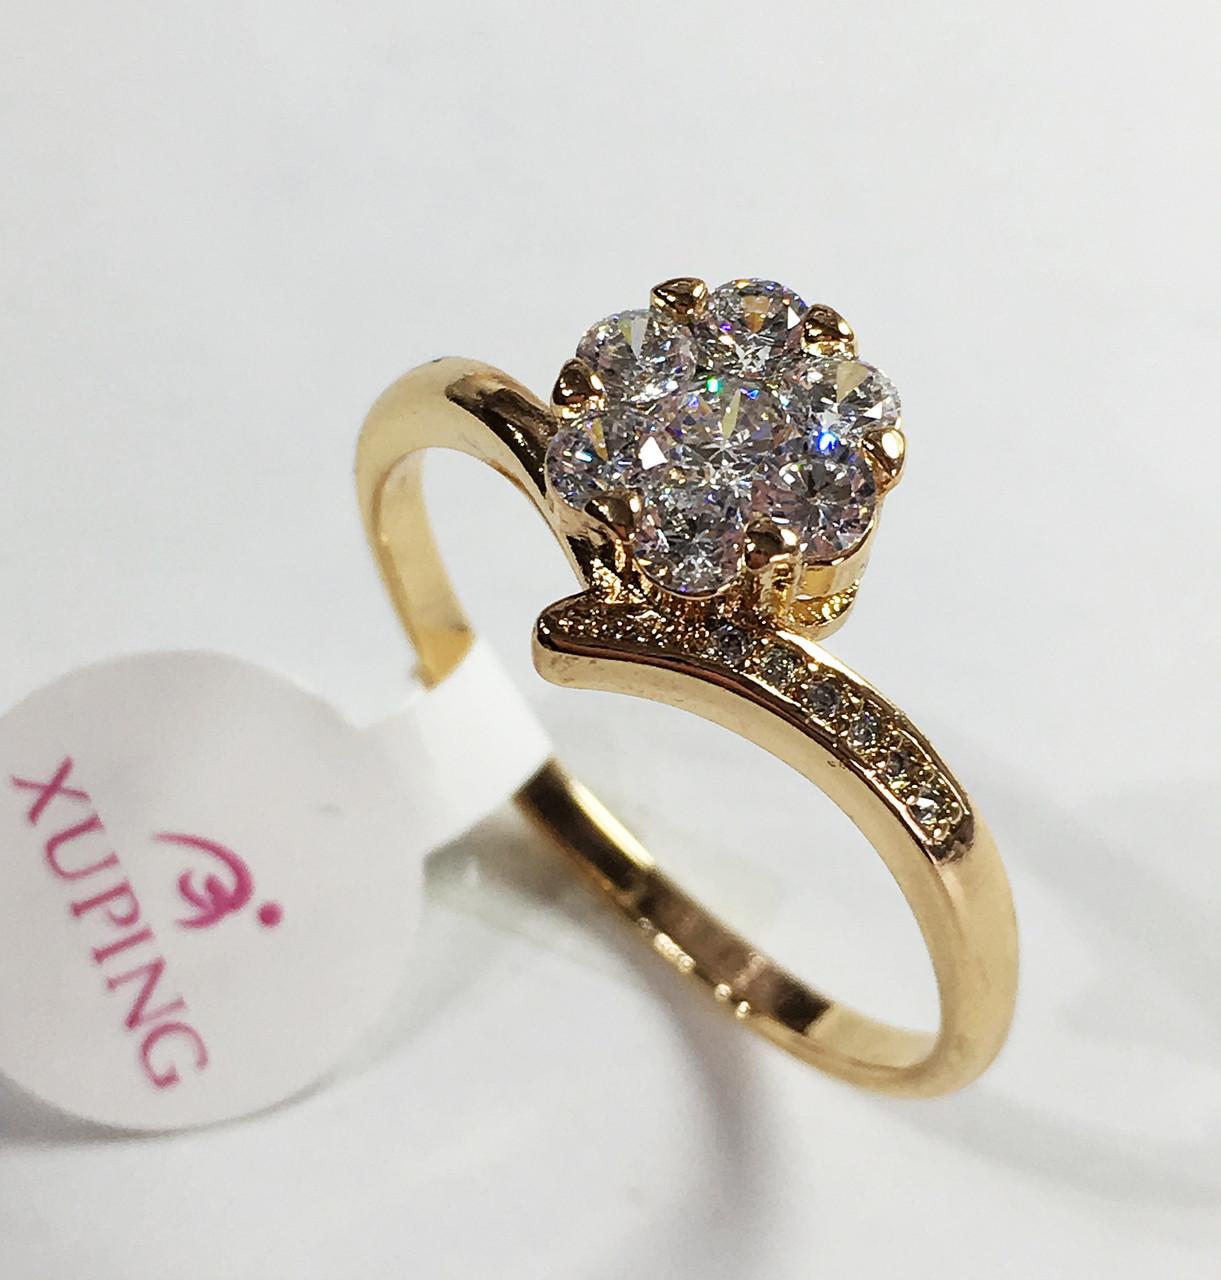 Кольцо Пион, размер 17, 19 ювелирная бижутерия XP